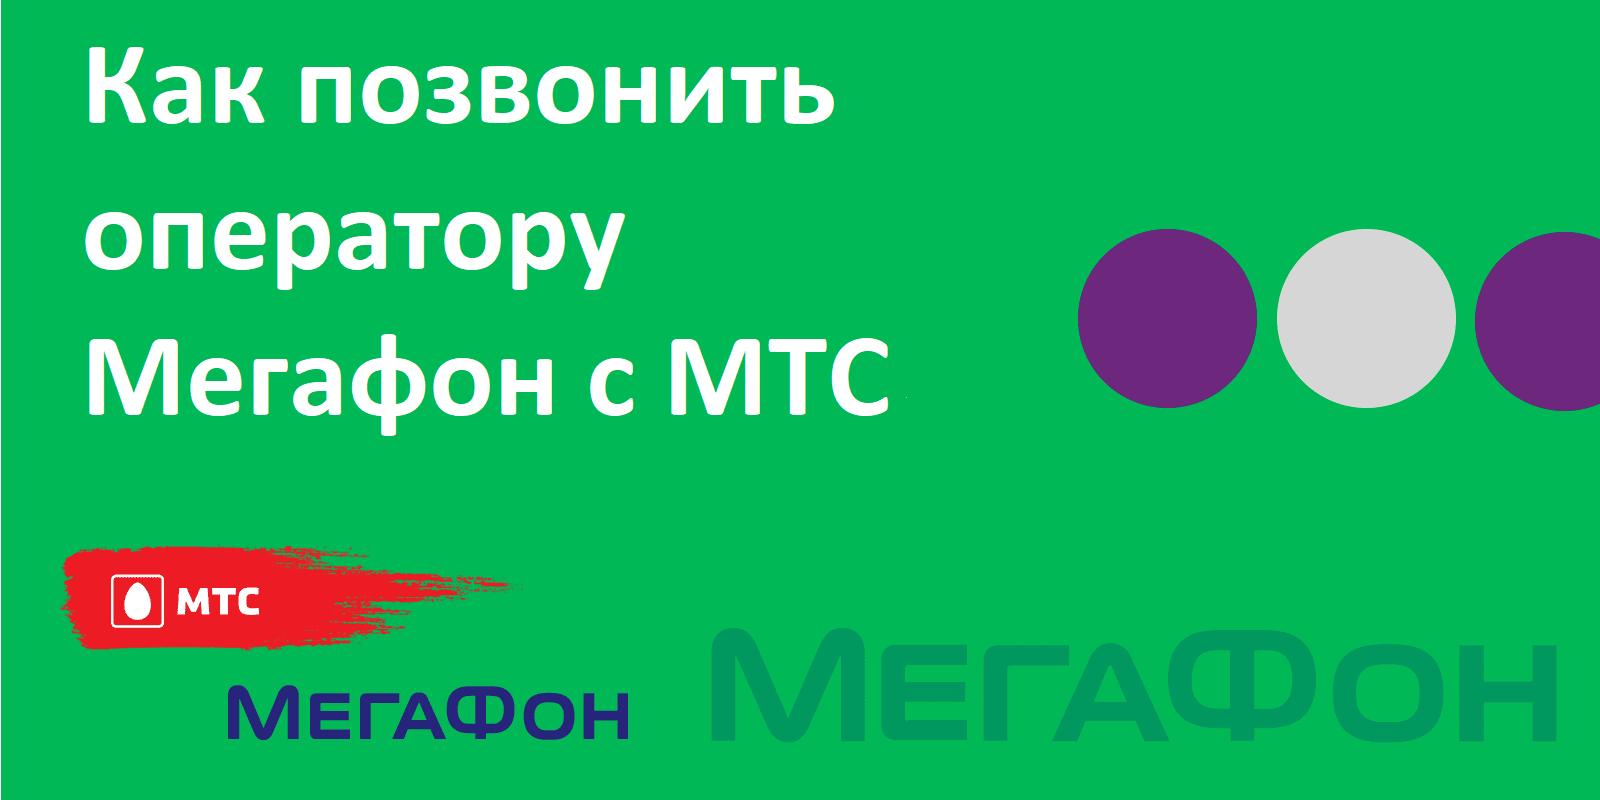 Как позвонить оператору Мегафон с МТС